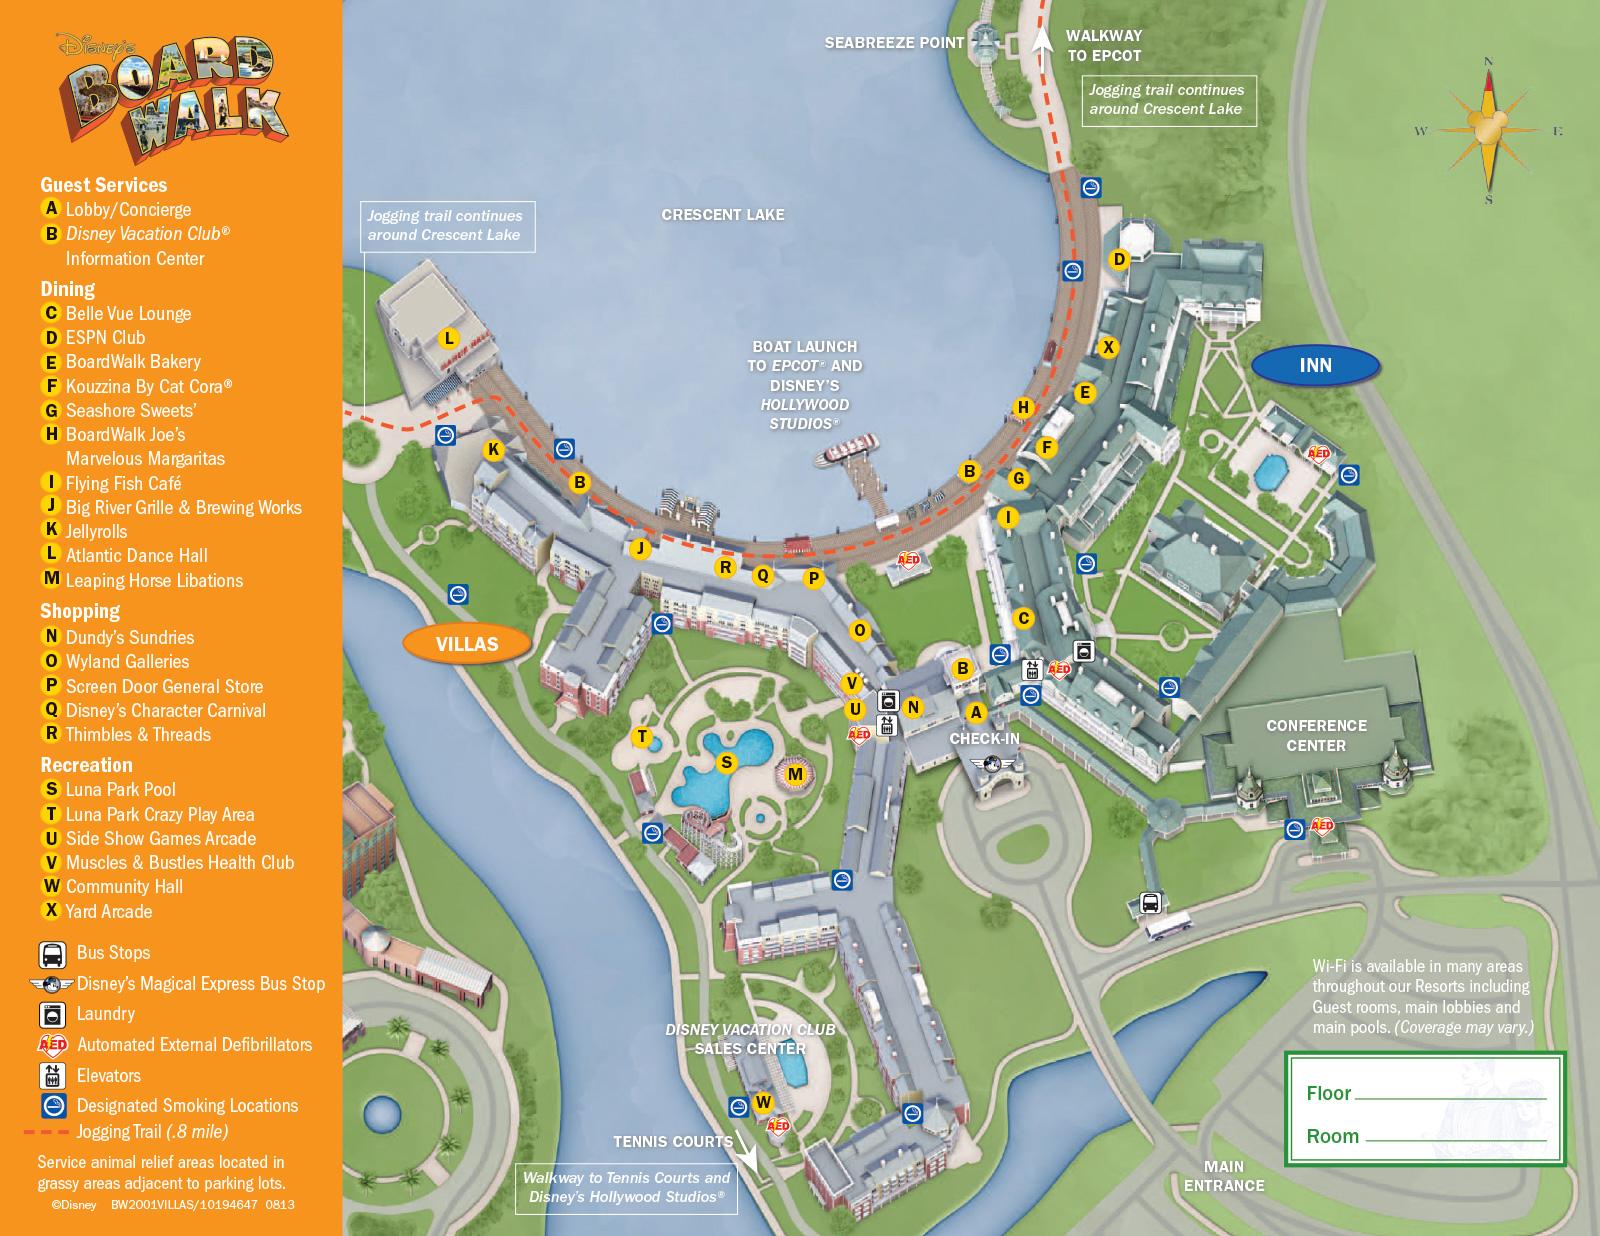 New look 2013 Resort Hotel maps